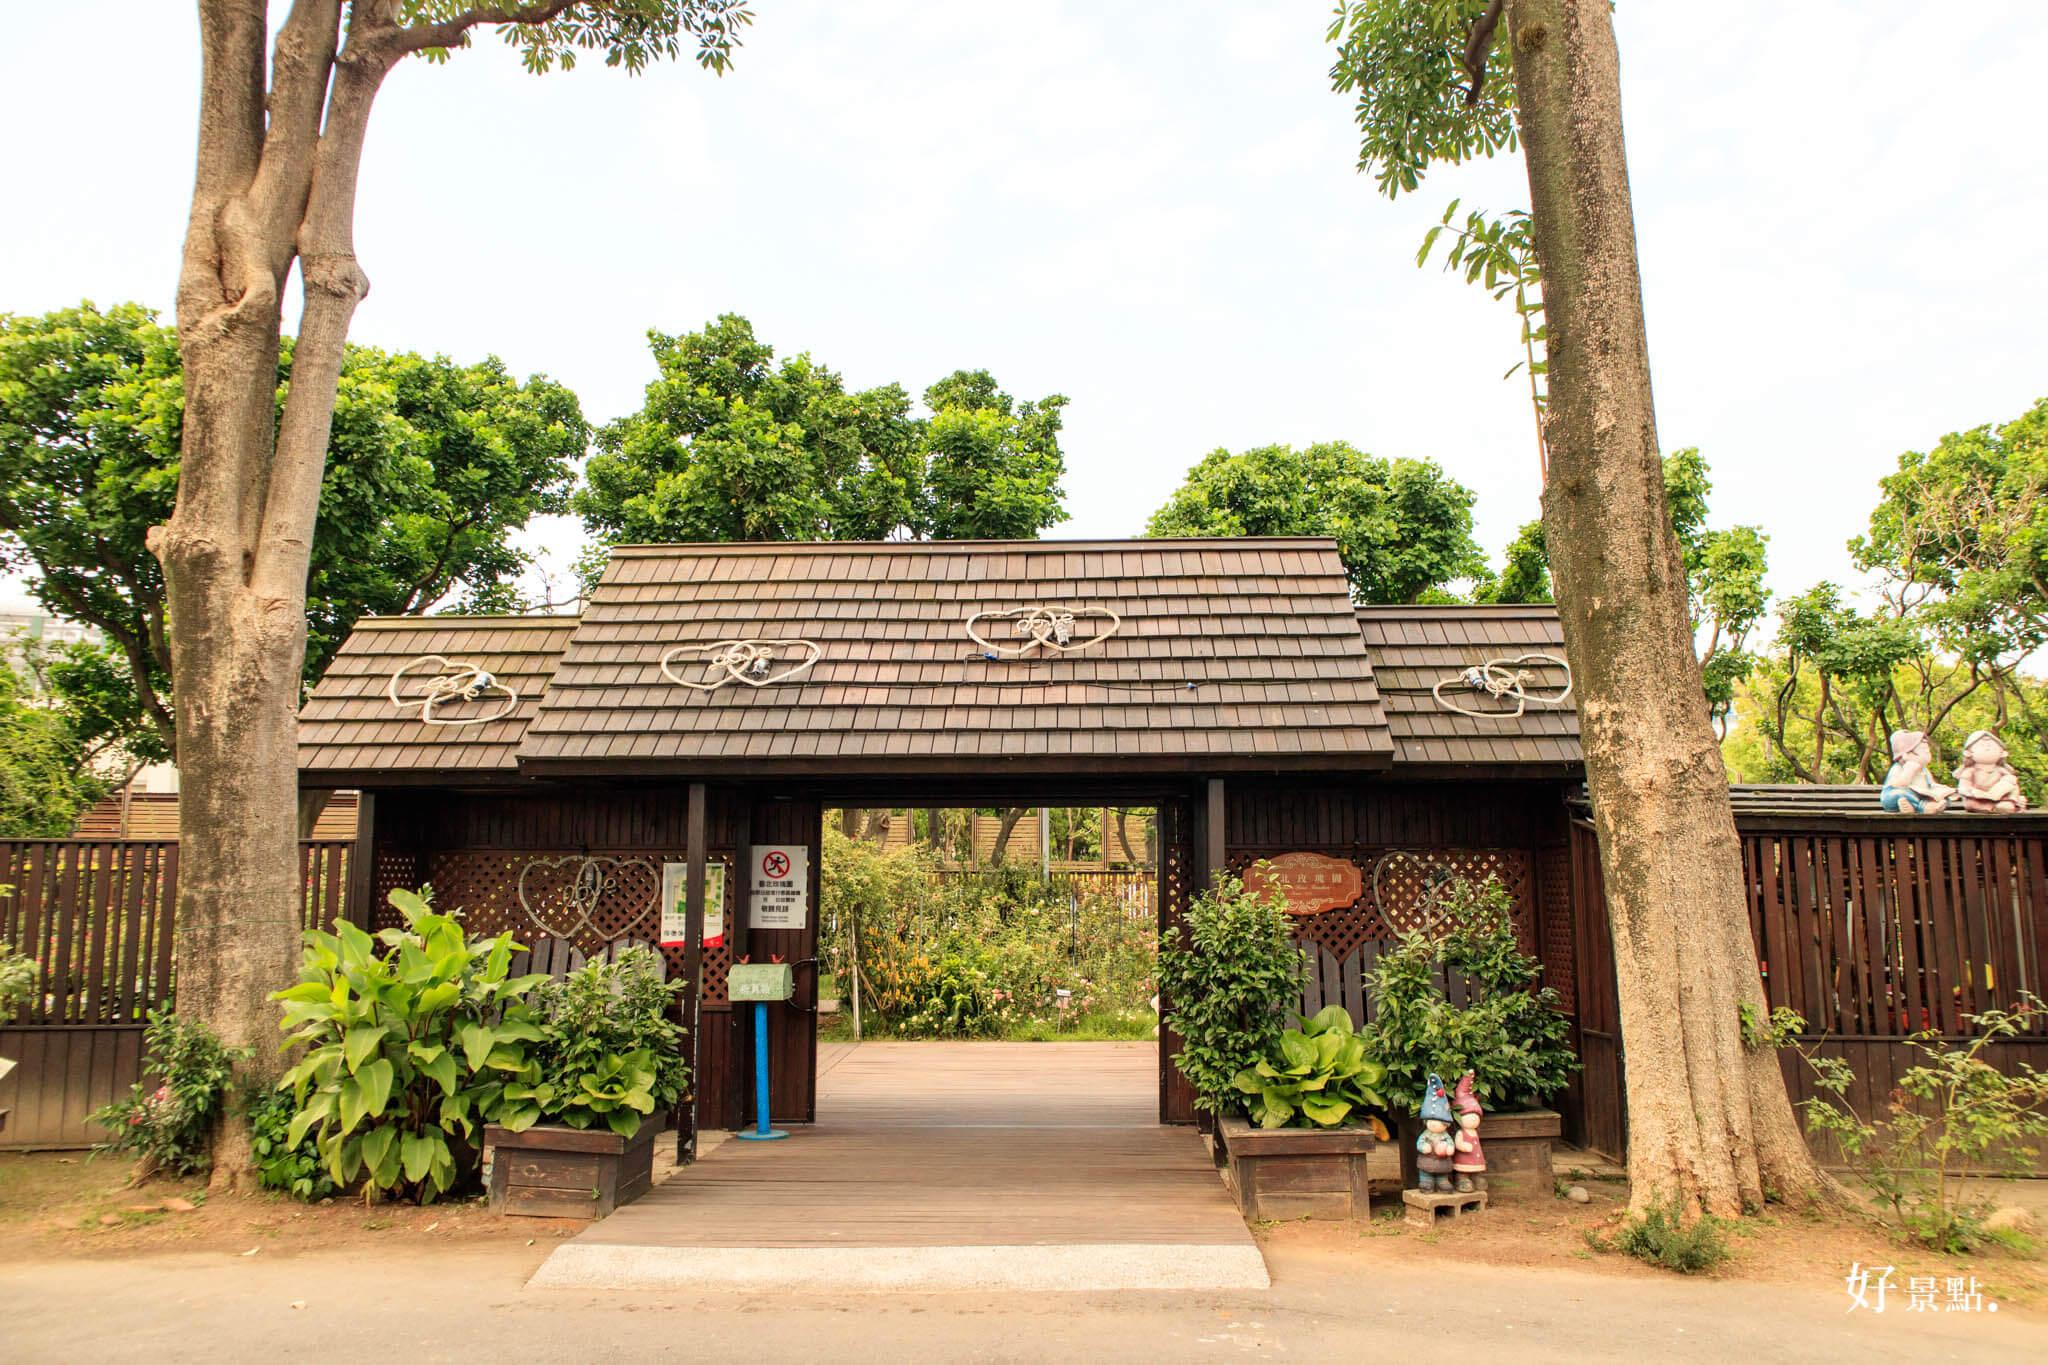  台北。中山 花博新生公園-迷宮、玻璃金字塔、彩色水管拍到手軟的超美景點!